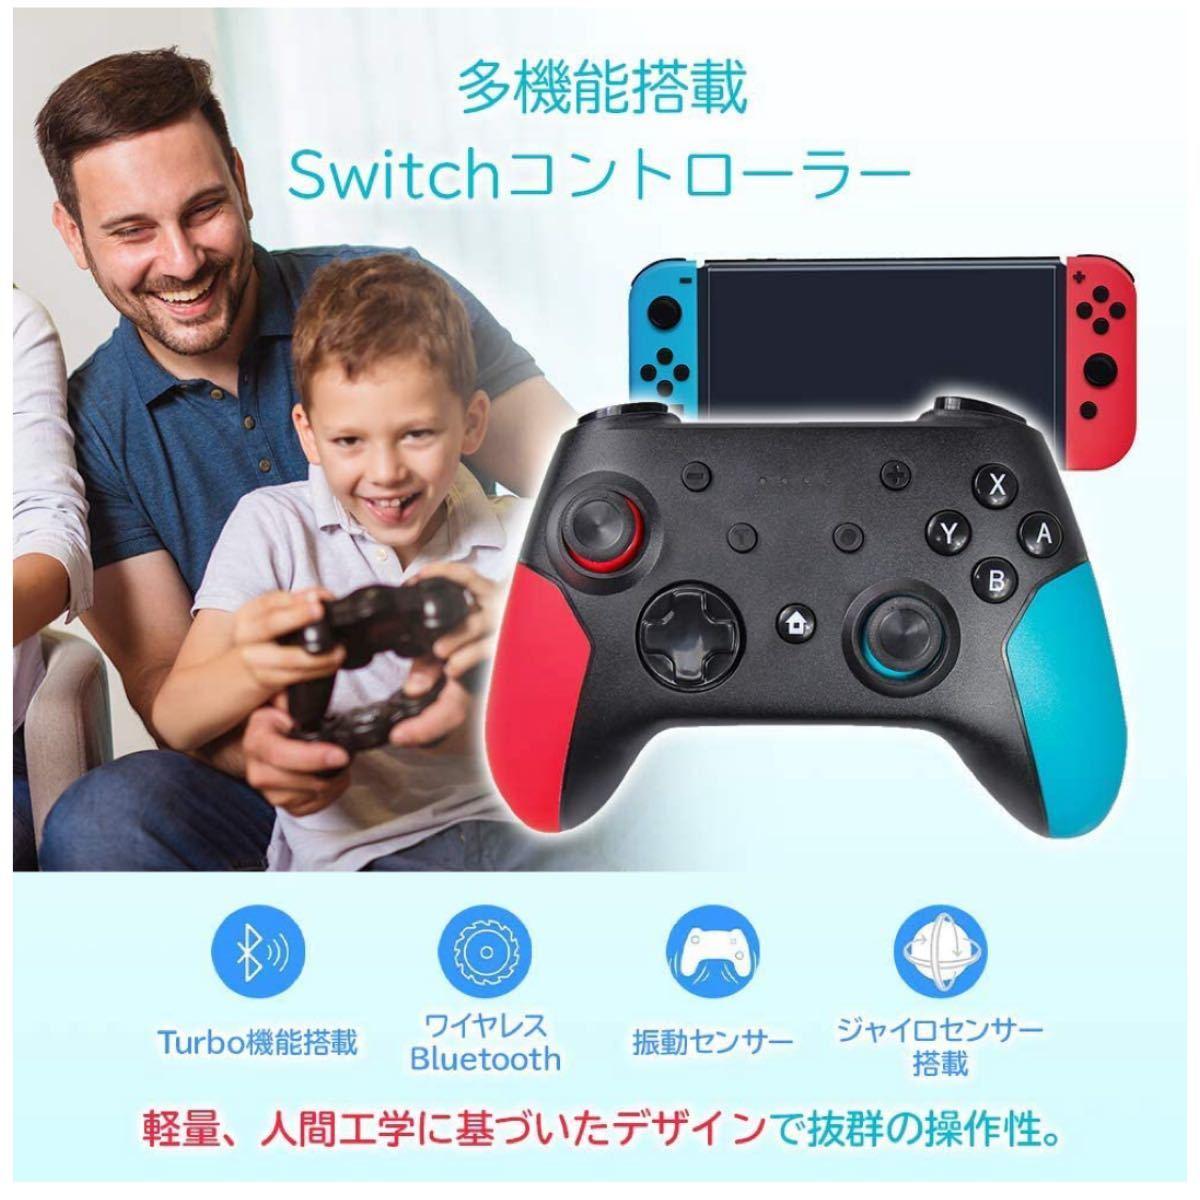 Nintendo Switch ワイヤレスコントローラー 互換品